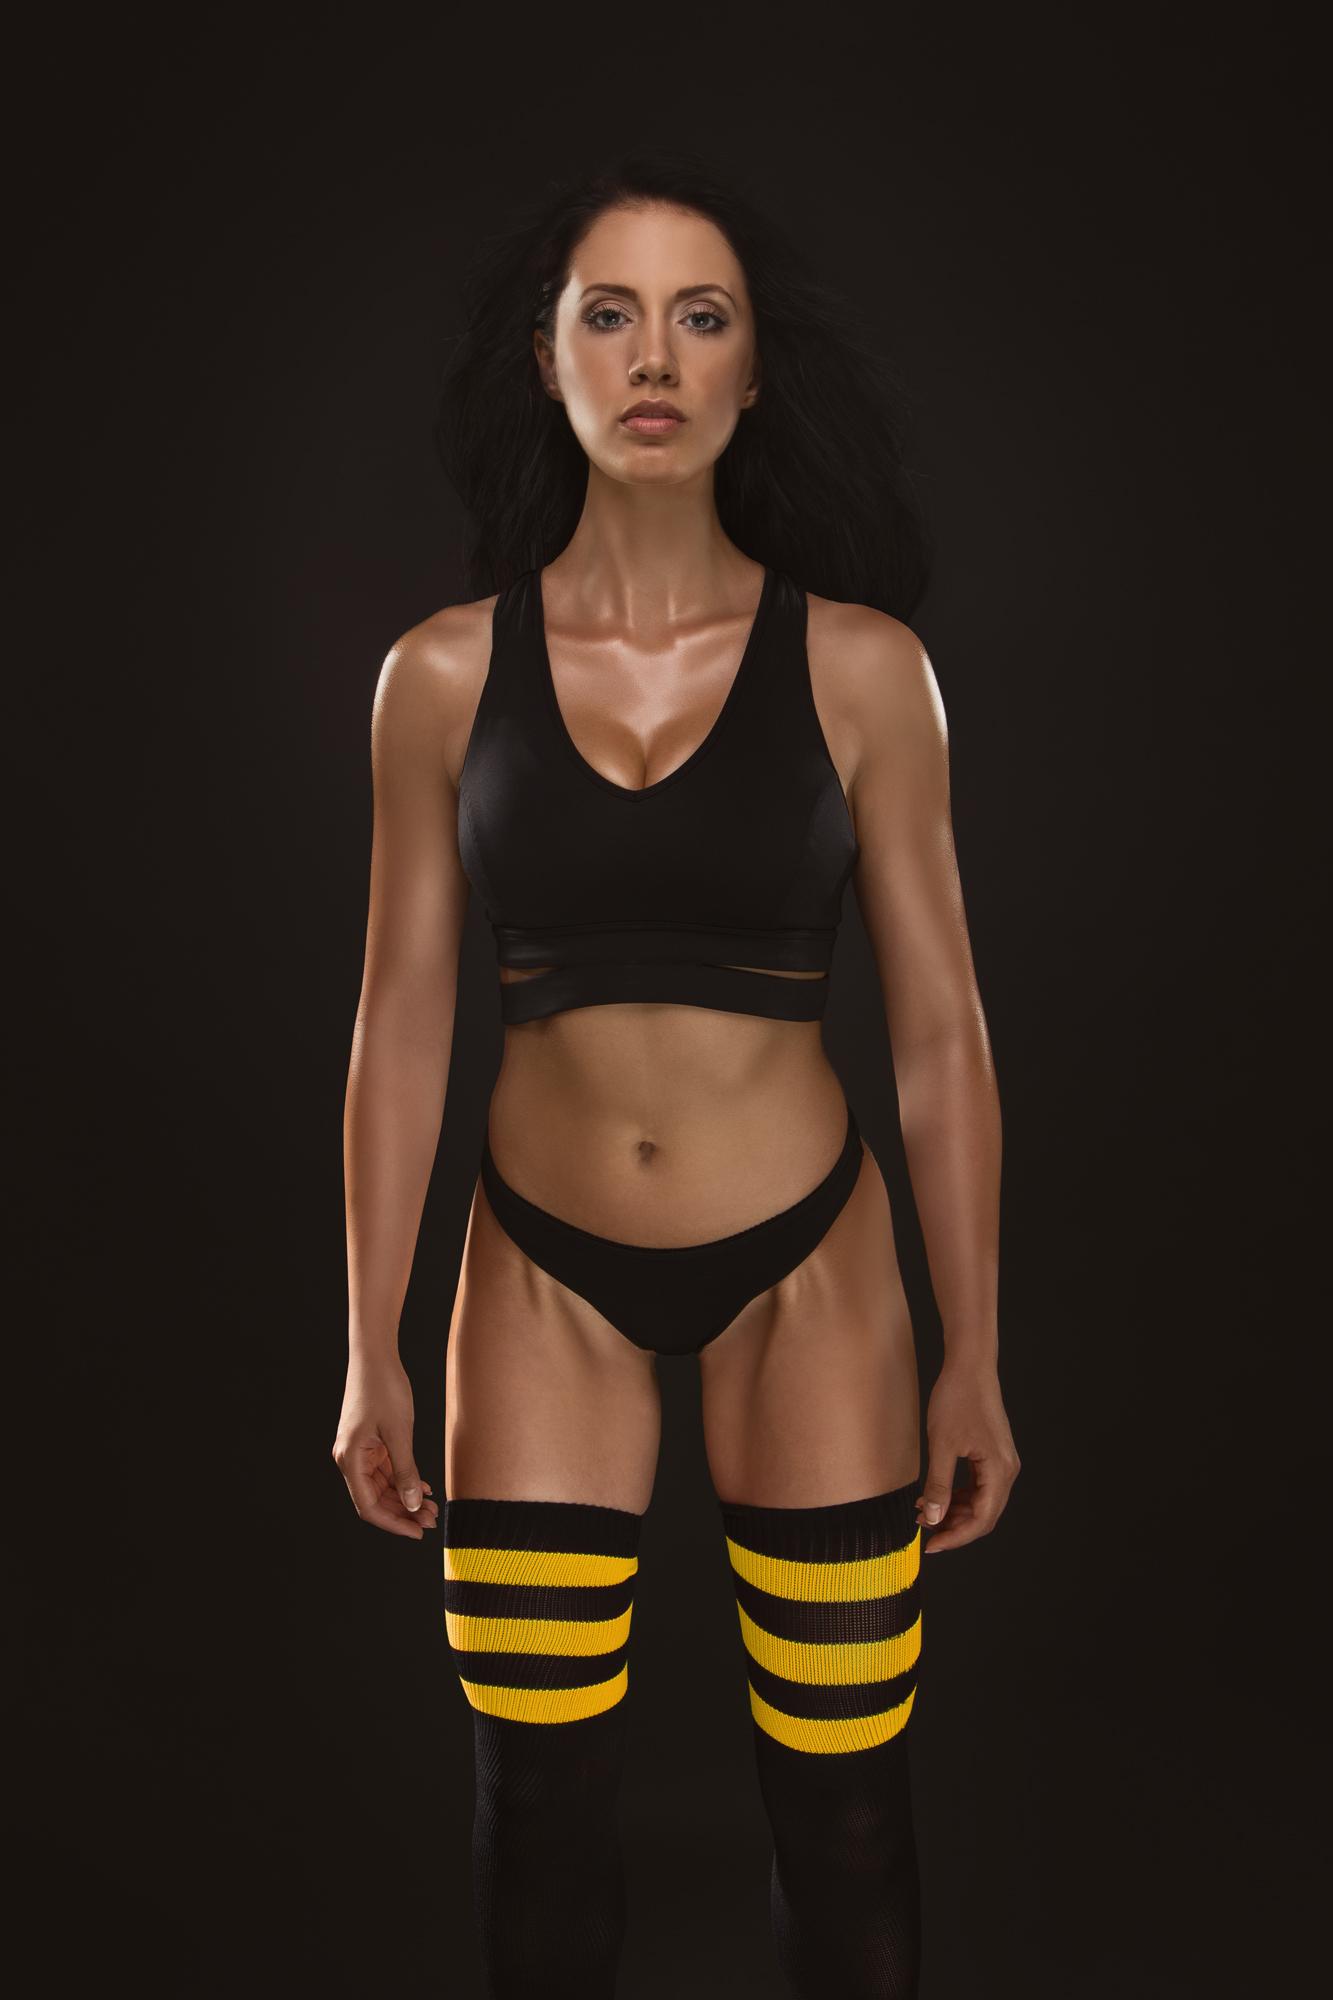 Veronika Šloufová 2 - Model & Photomodel & Bikini fitness